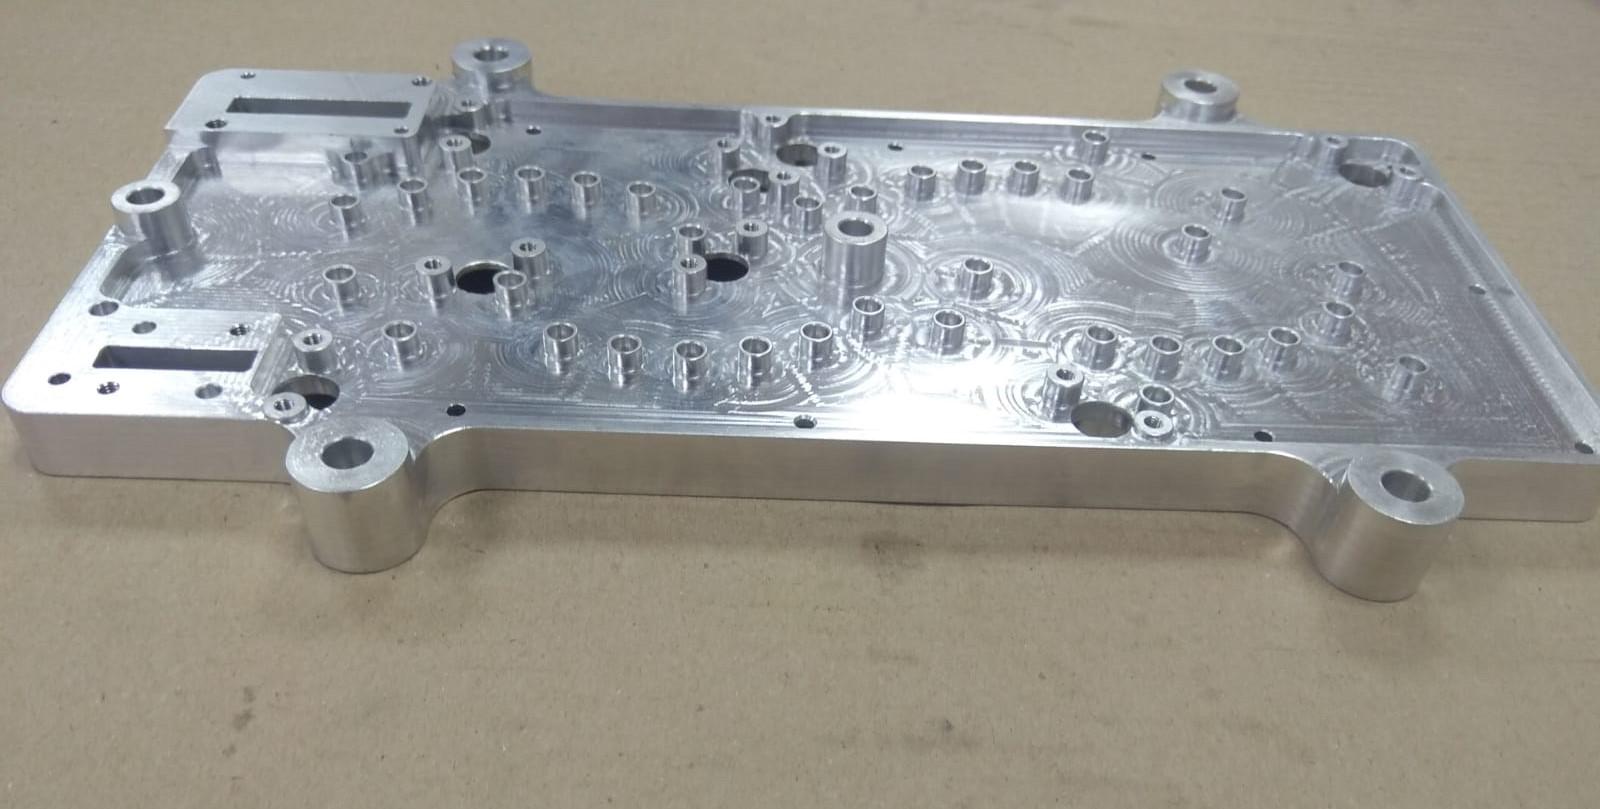 utiles y piezas mecanizadas 16 - Trabajos realizados